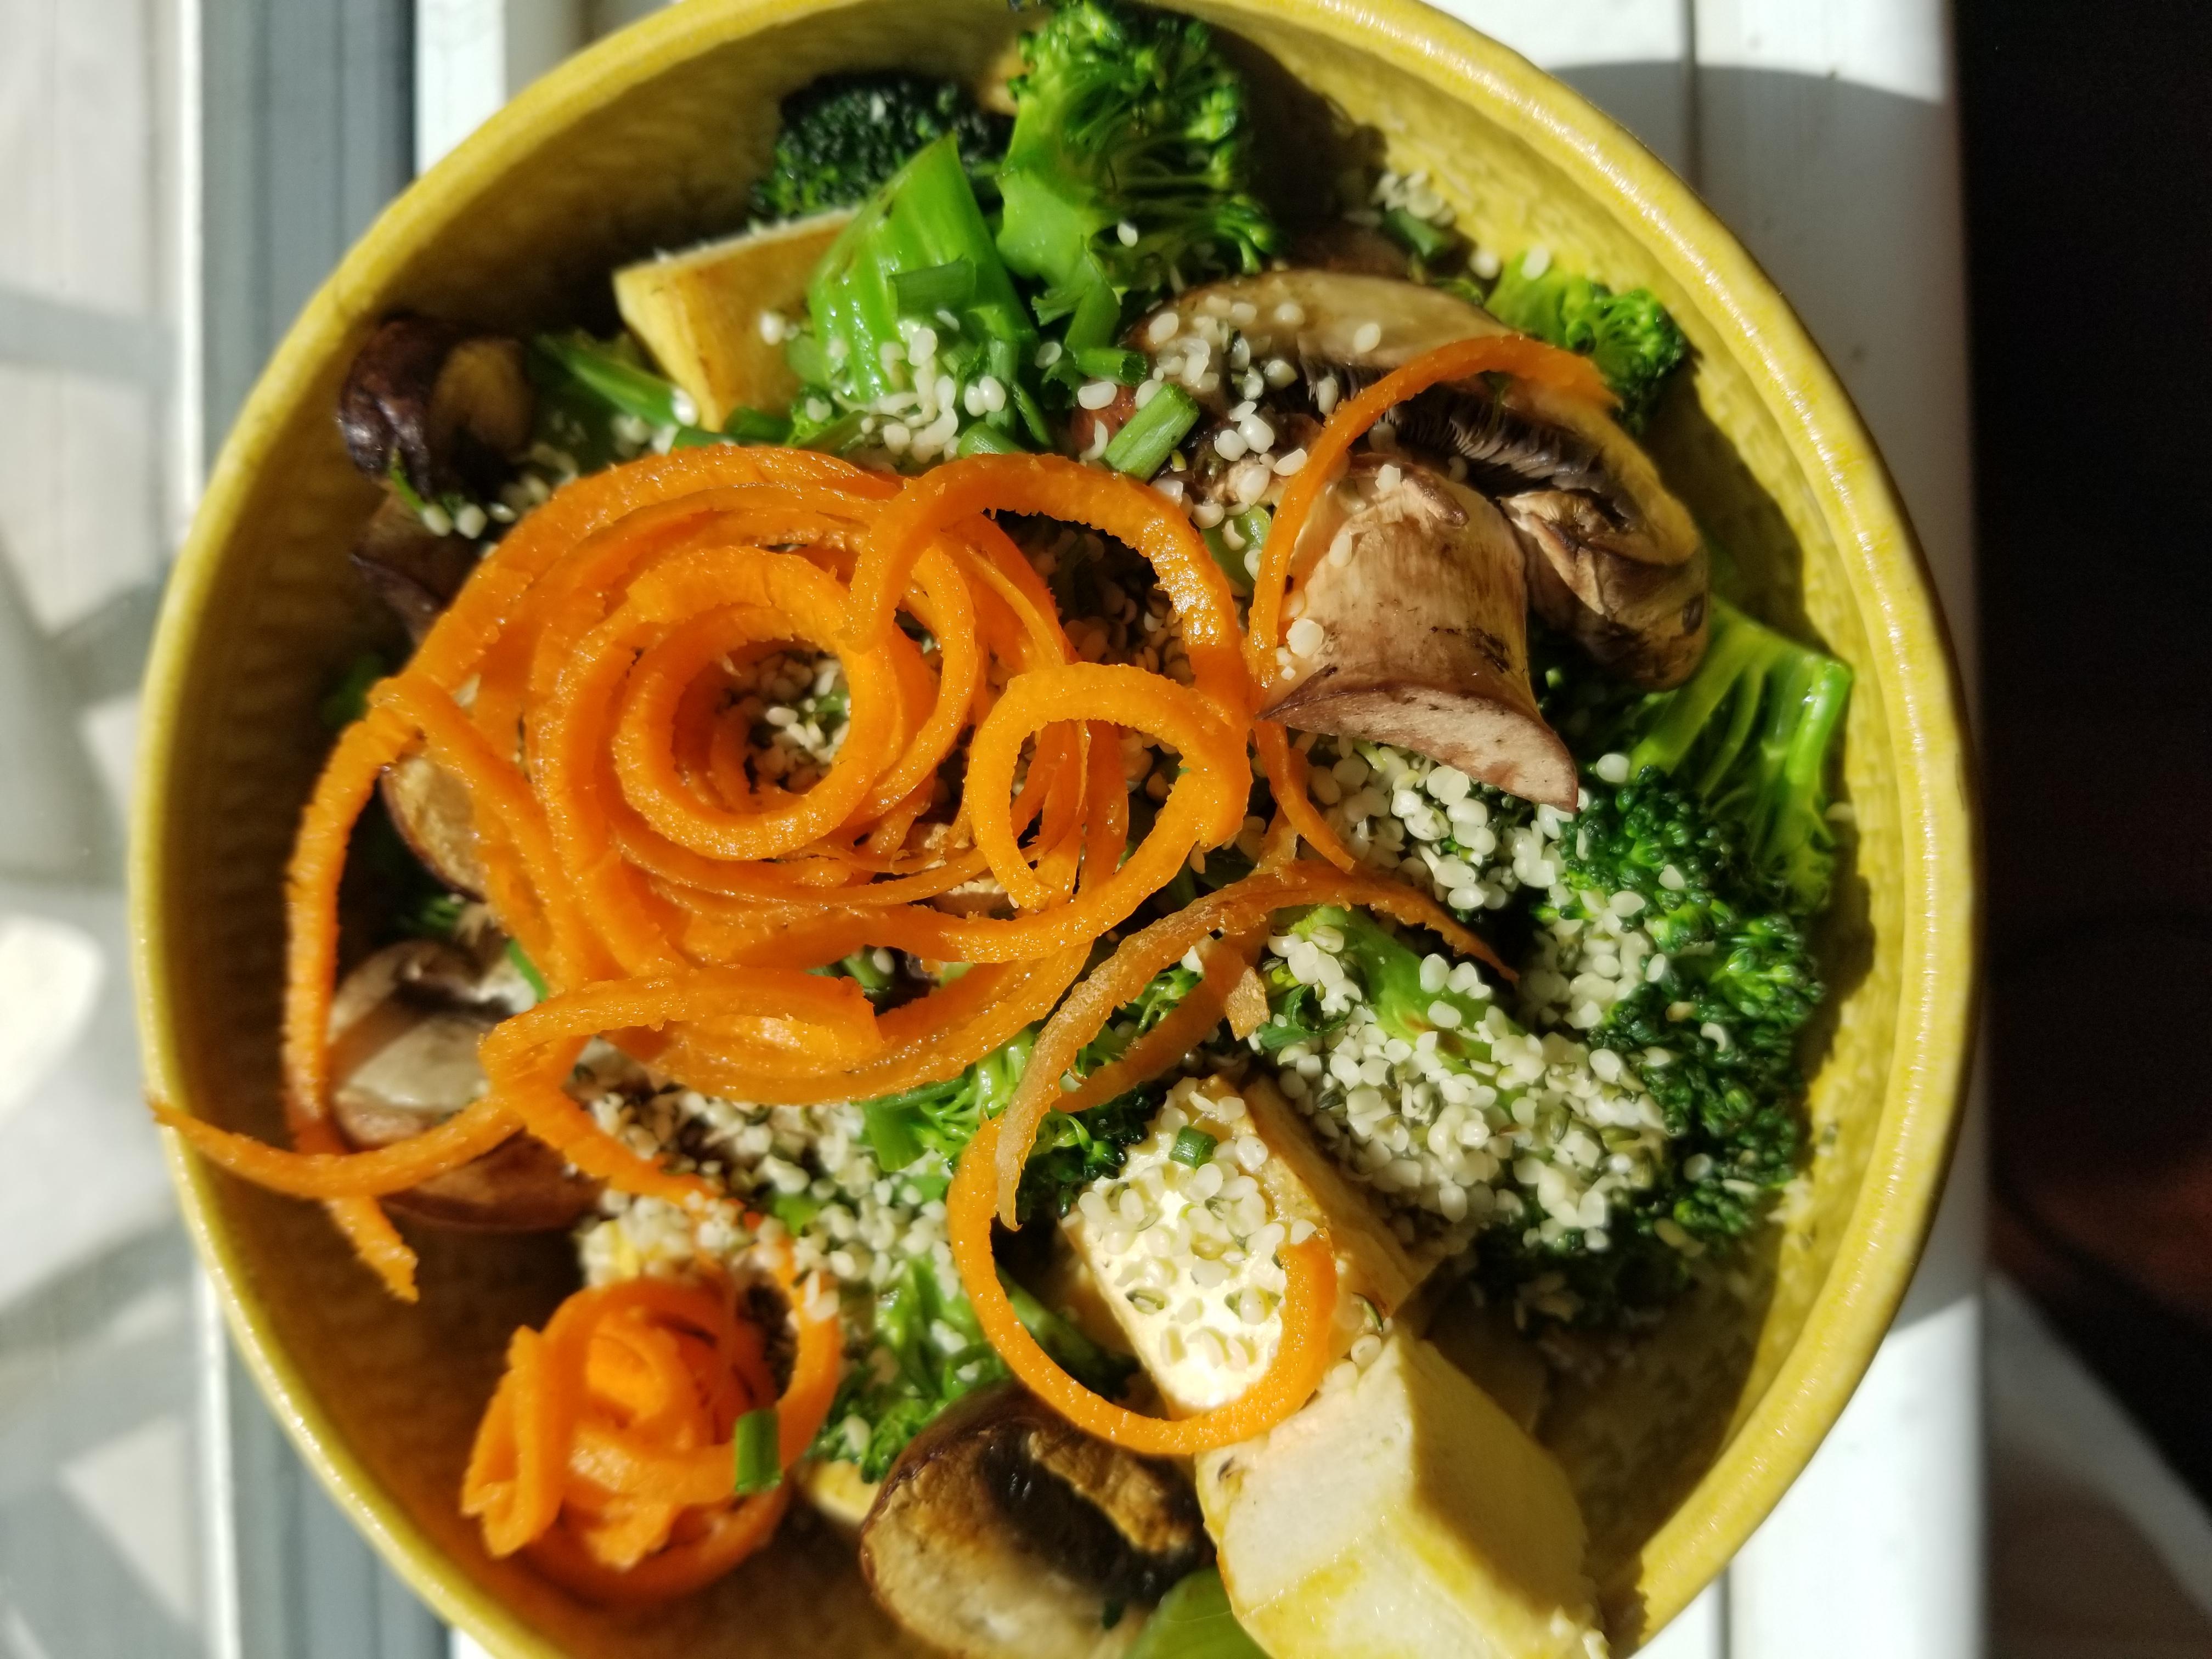 Roasted Tofu & Vegetable Bowl